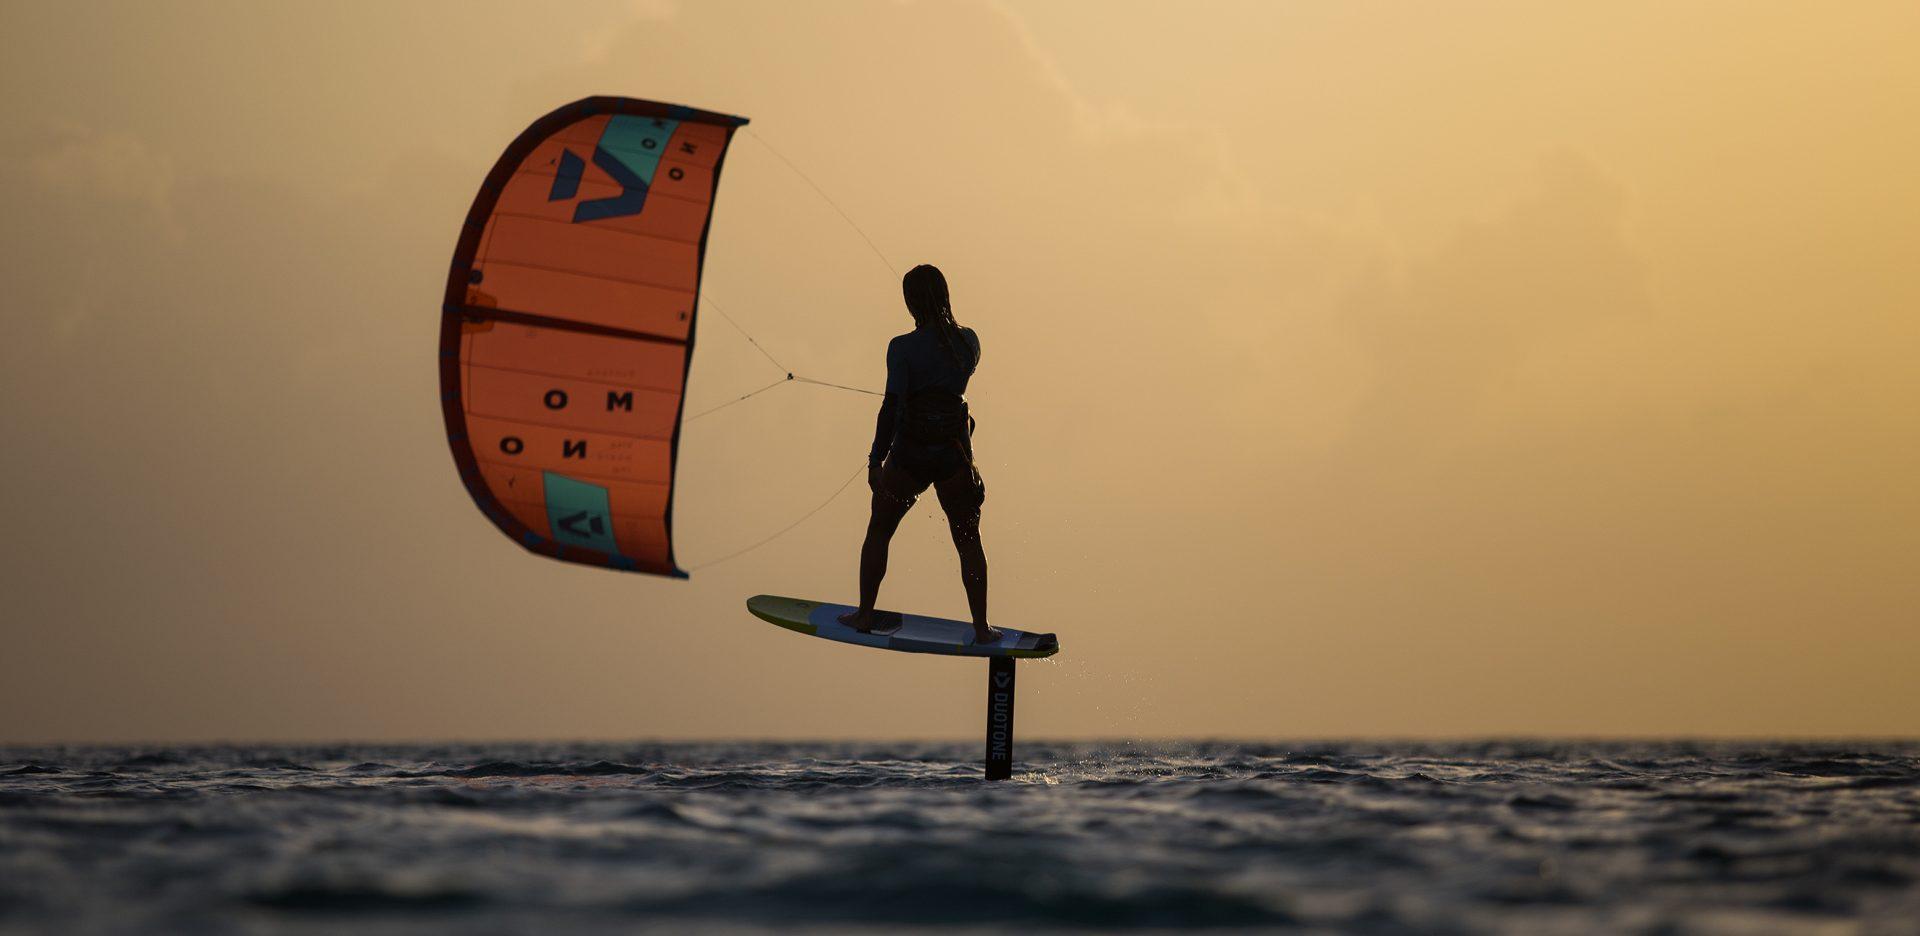 Kite of Board